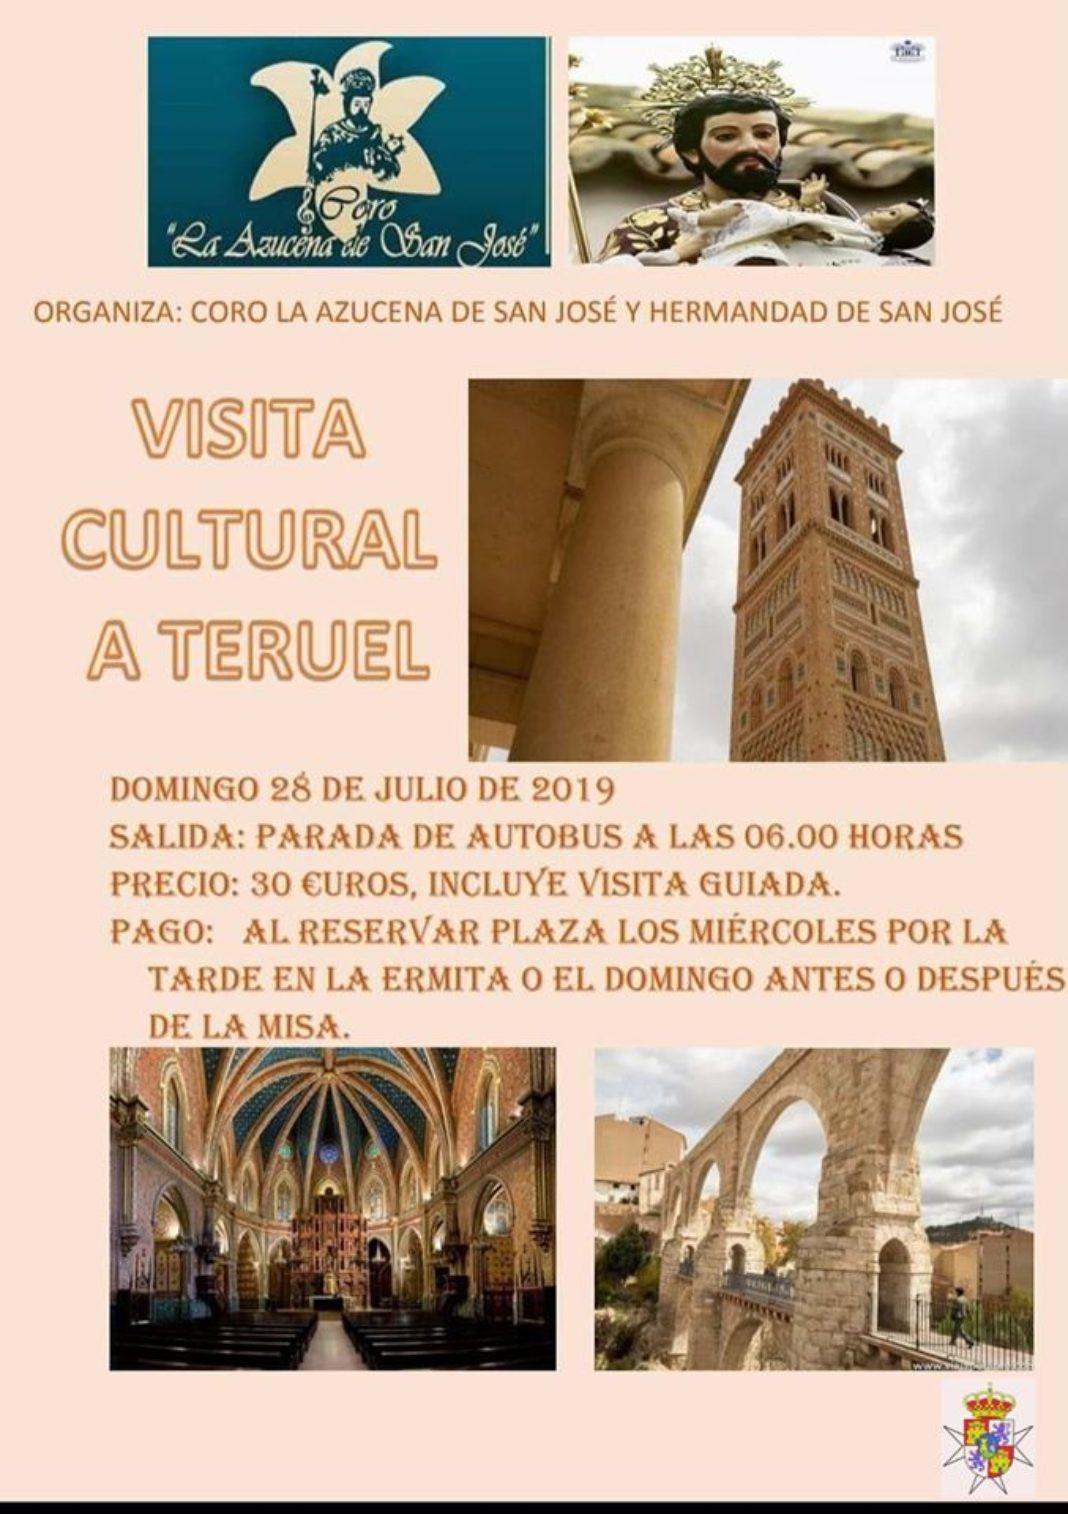 """Viaje a Teruel Coro de la Azucena 1068x1514 - Viaje cultural a Teruel organizado por el coro """"La Azucena de San José"""""""